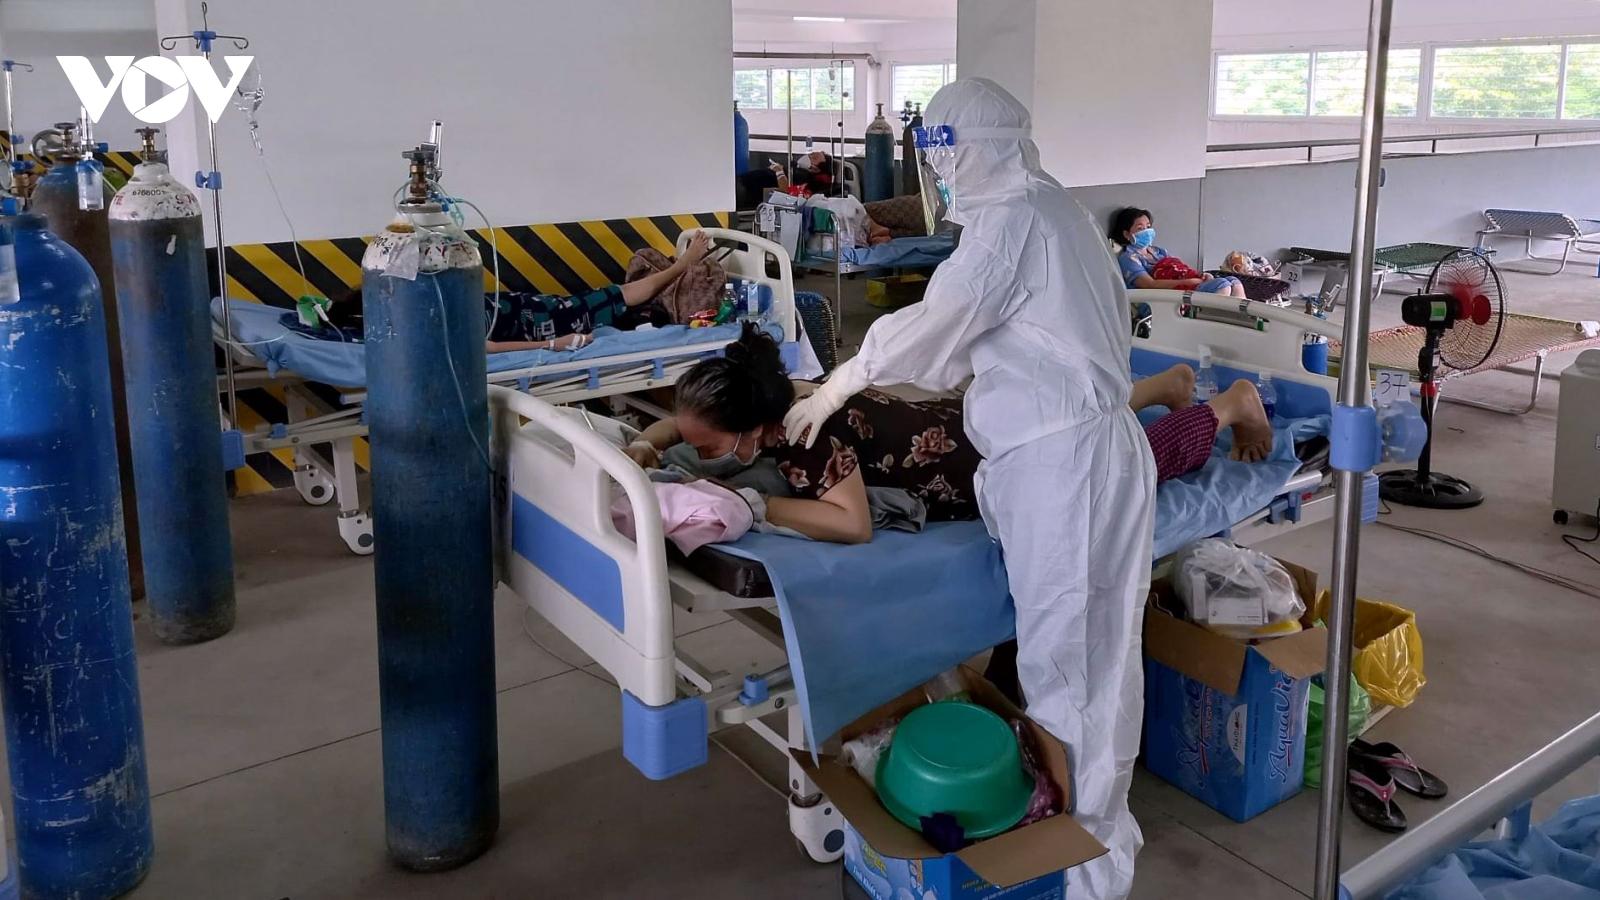 Nhiều bất cập về điều kiện làm việc tại các bệnh viện dã chiến